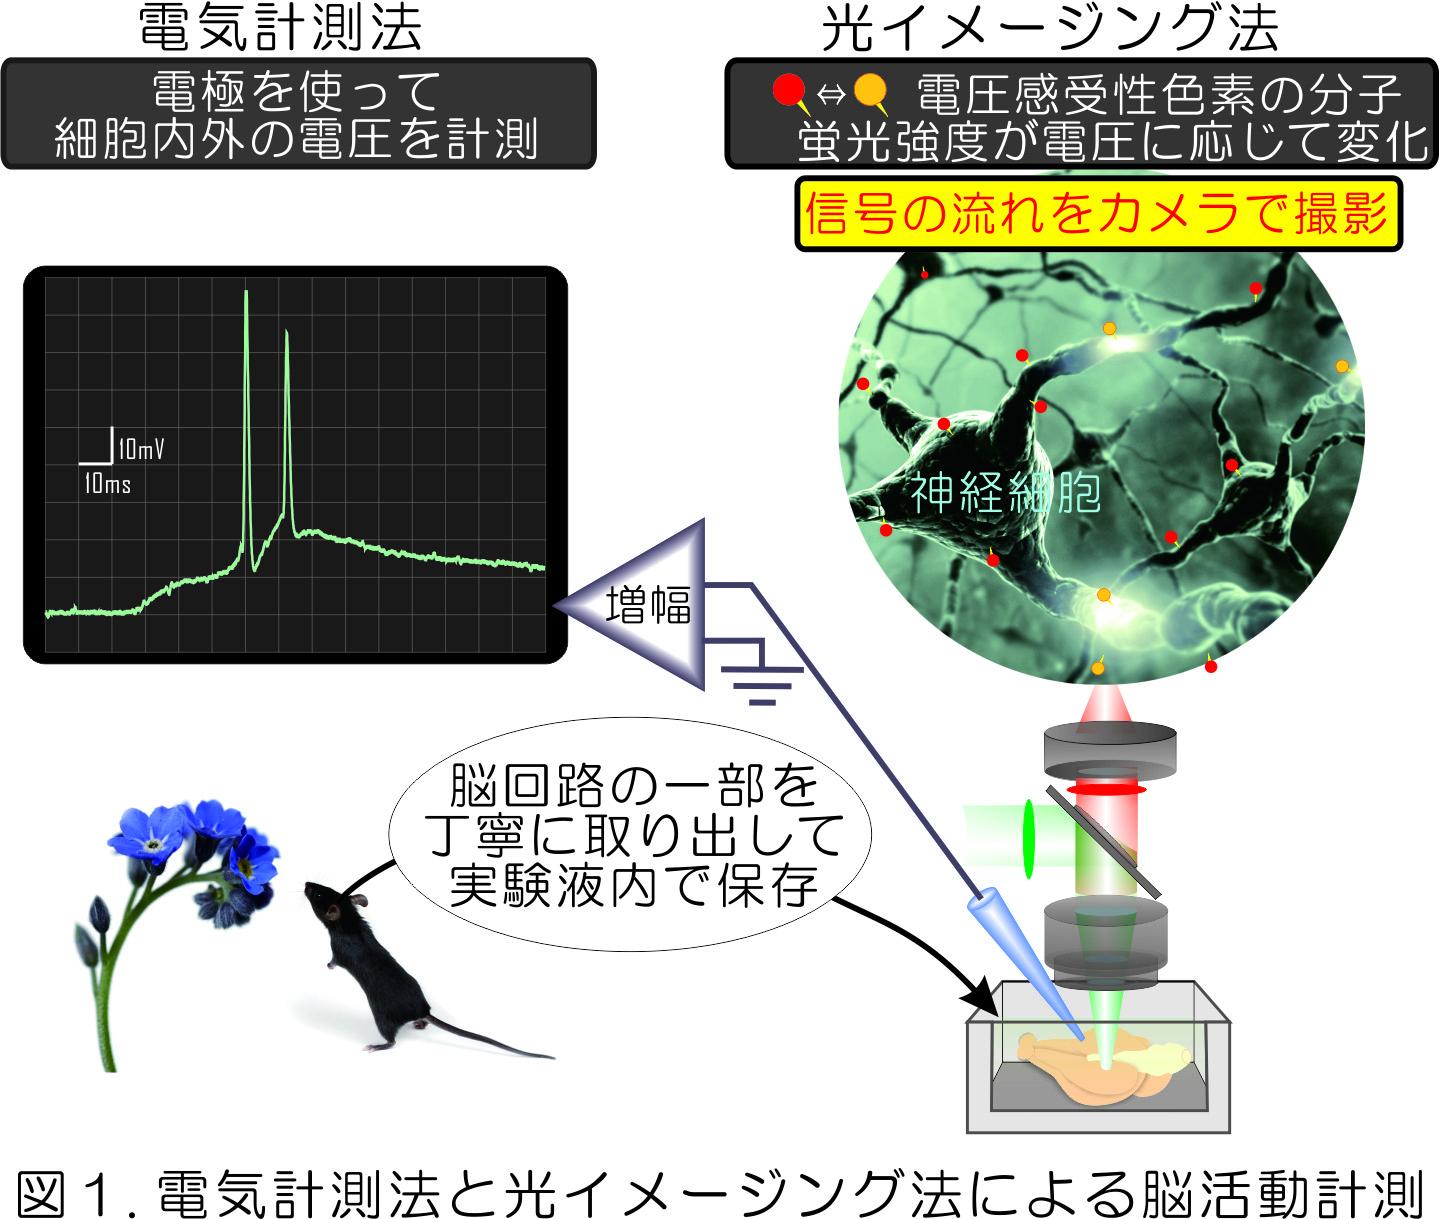 図1.電気計測法と光イメージング法による脳活動計測